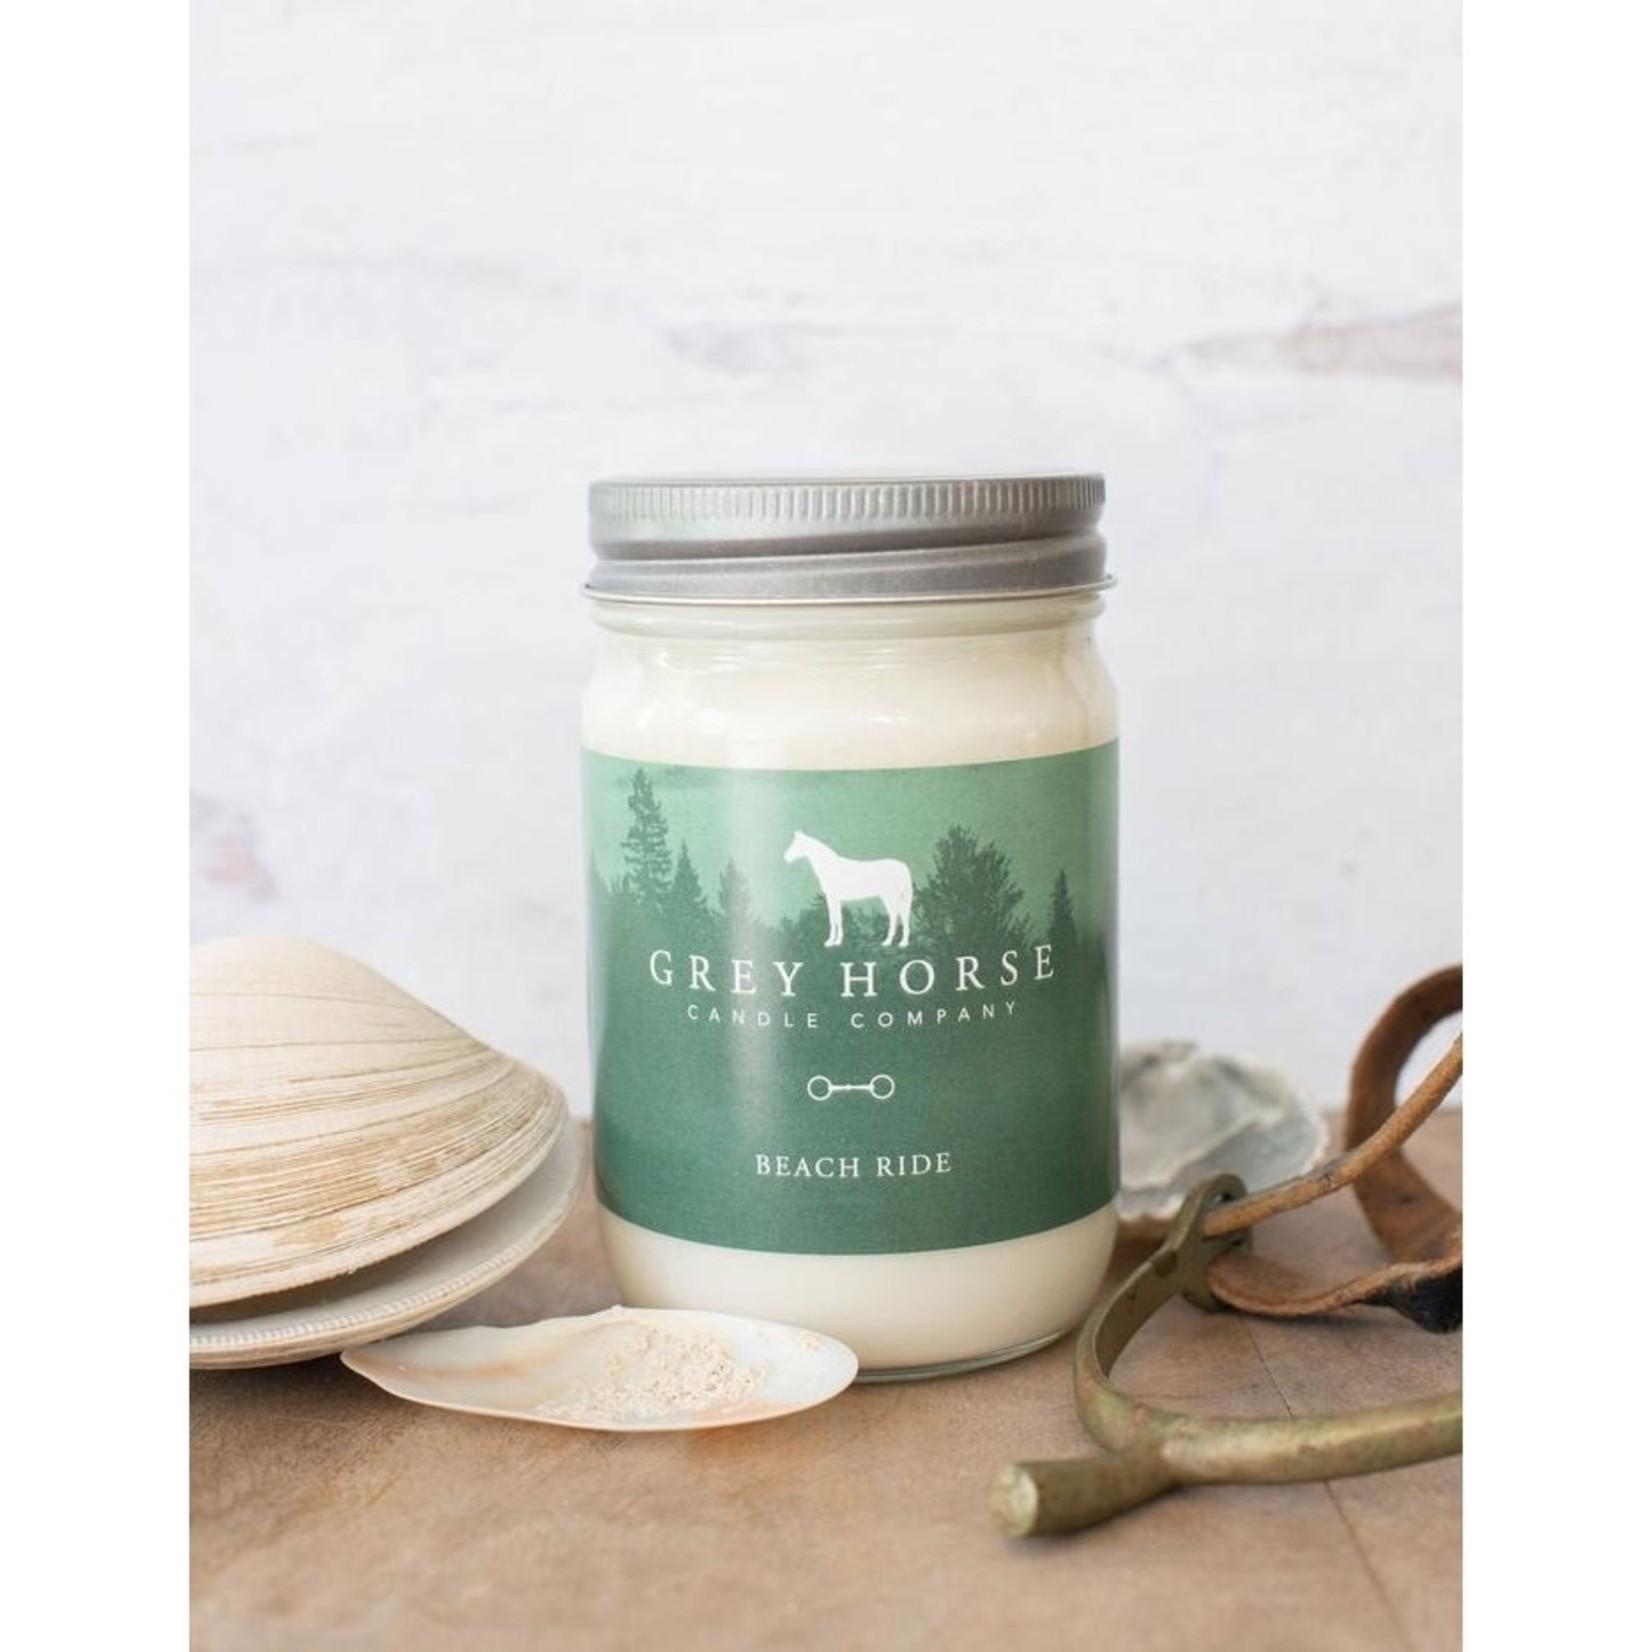 Grey Horse Candles Grey Horse Candle - Beach Ride 12oz